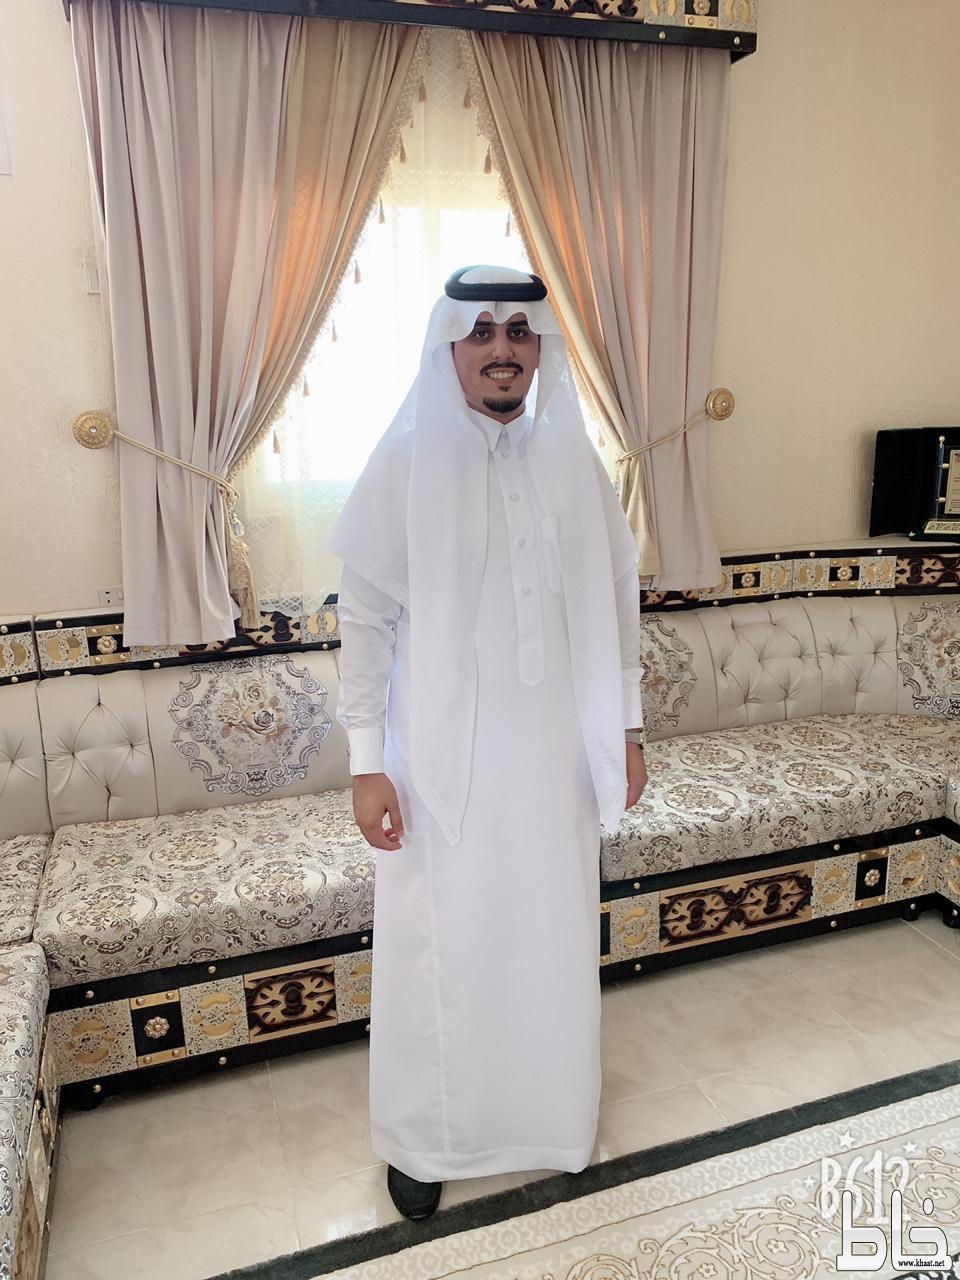 الاستاذ علي محمد شاووش يحتفل بعقد قرانه